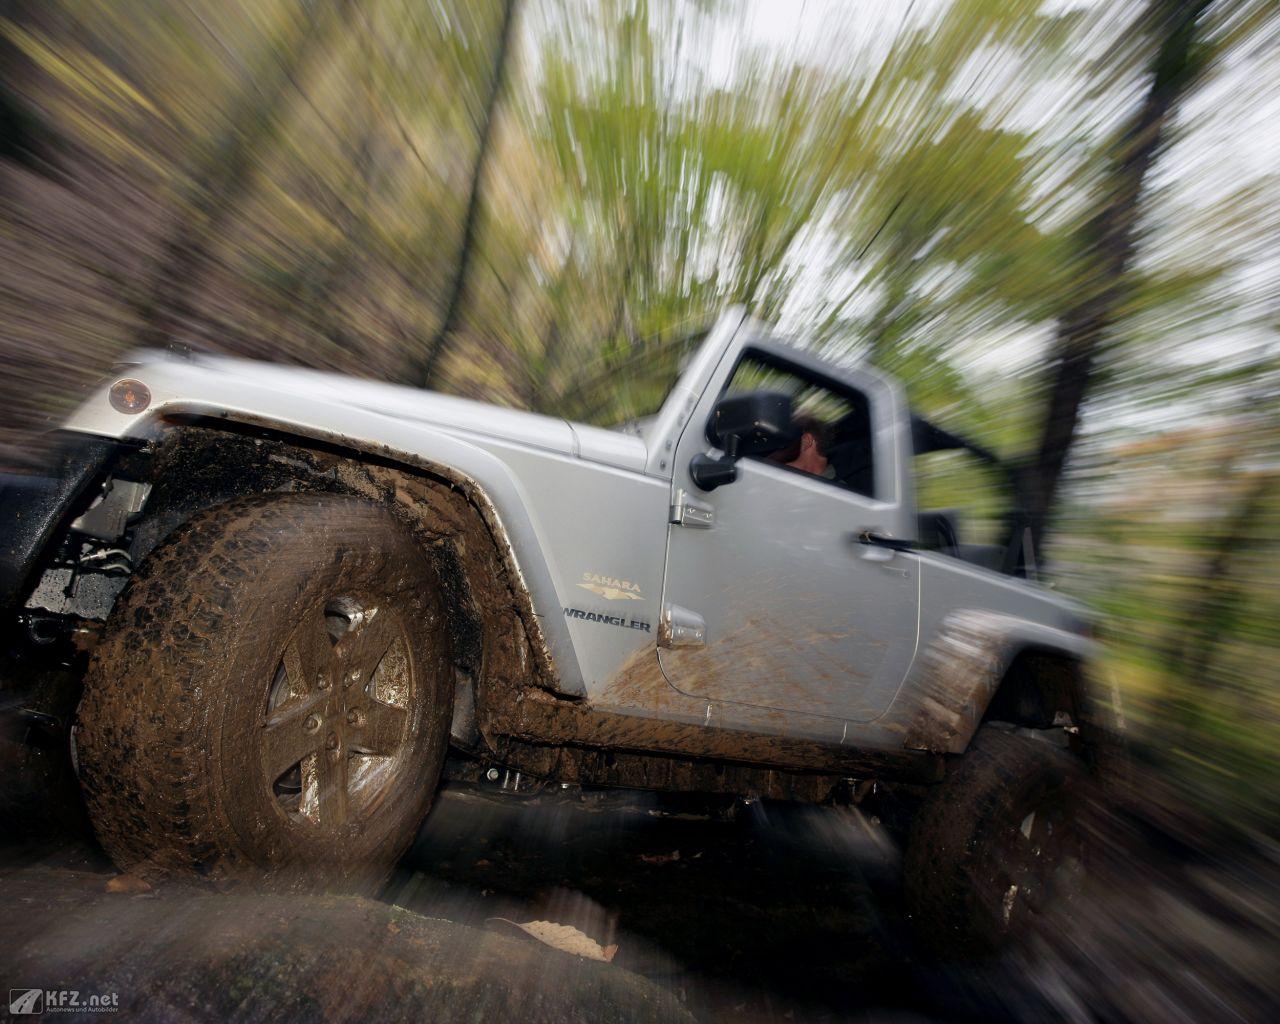 jeep-wrangler-1280x1024-1